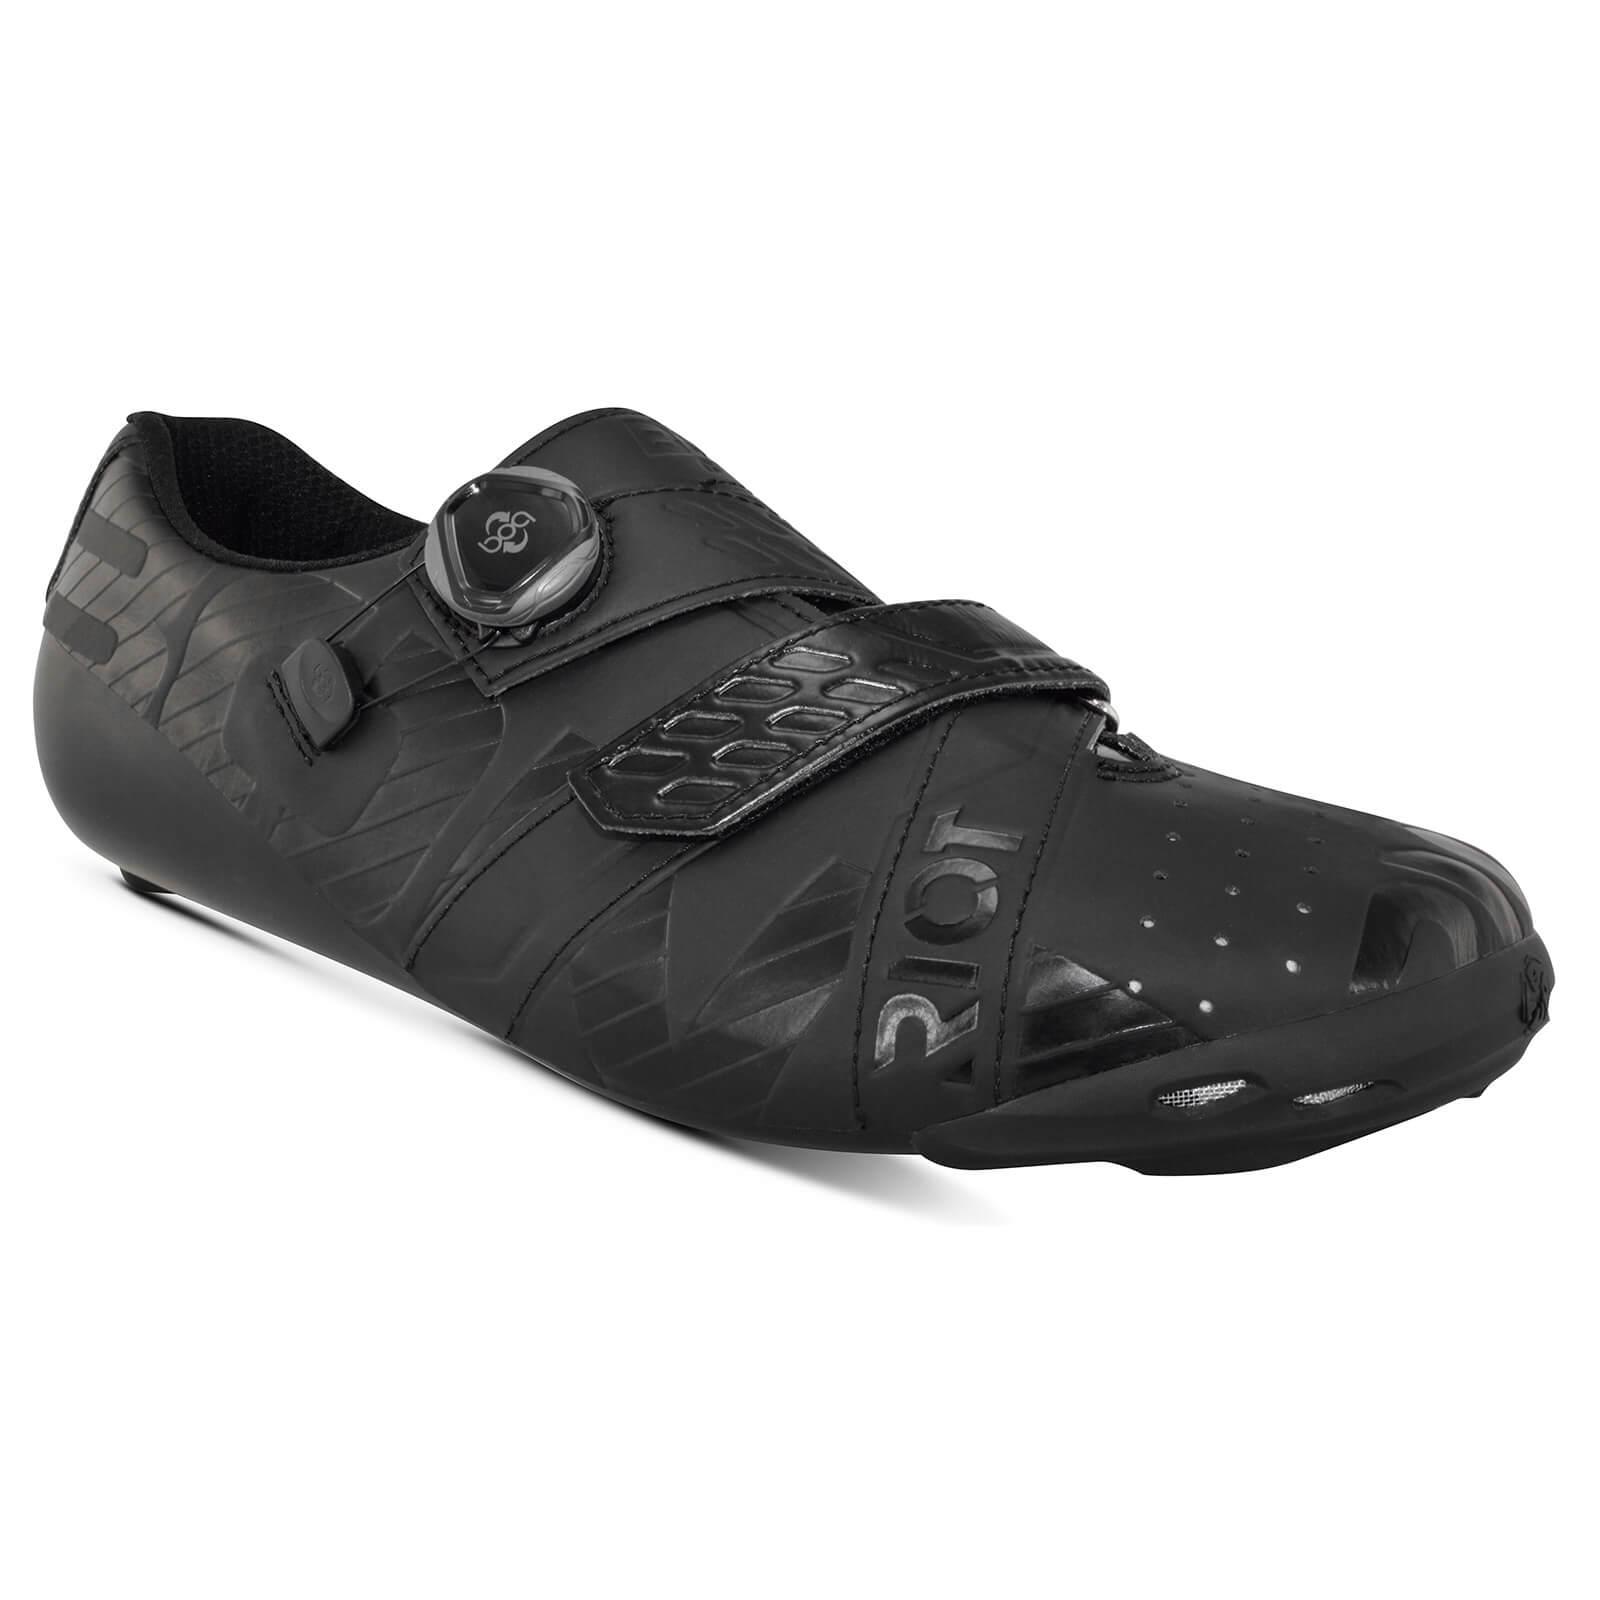 Bont Riot+ Road Shoes - EU 42 - Black